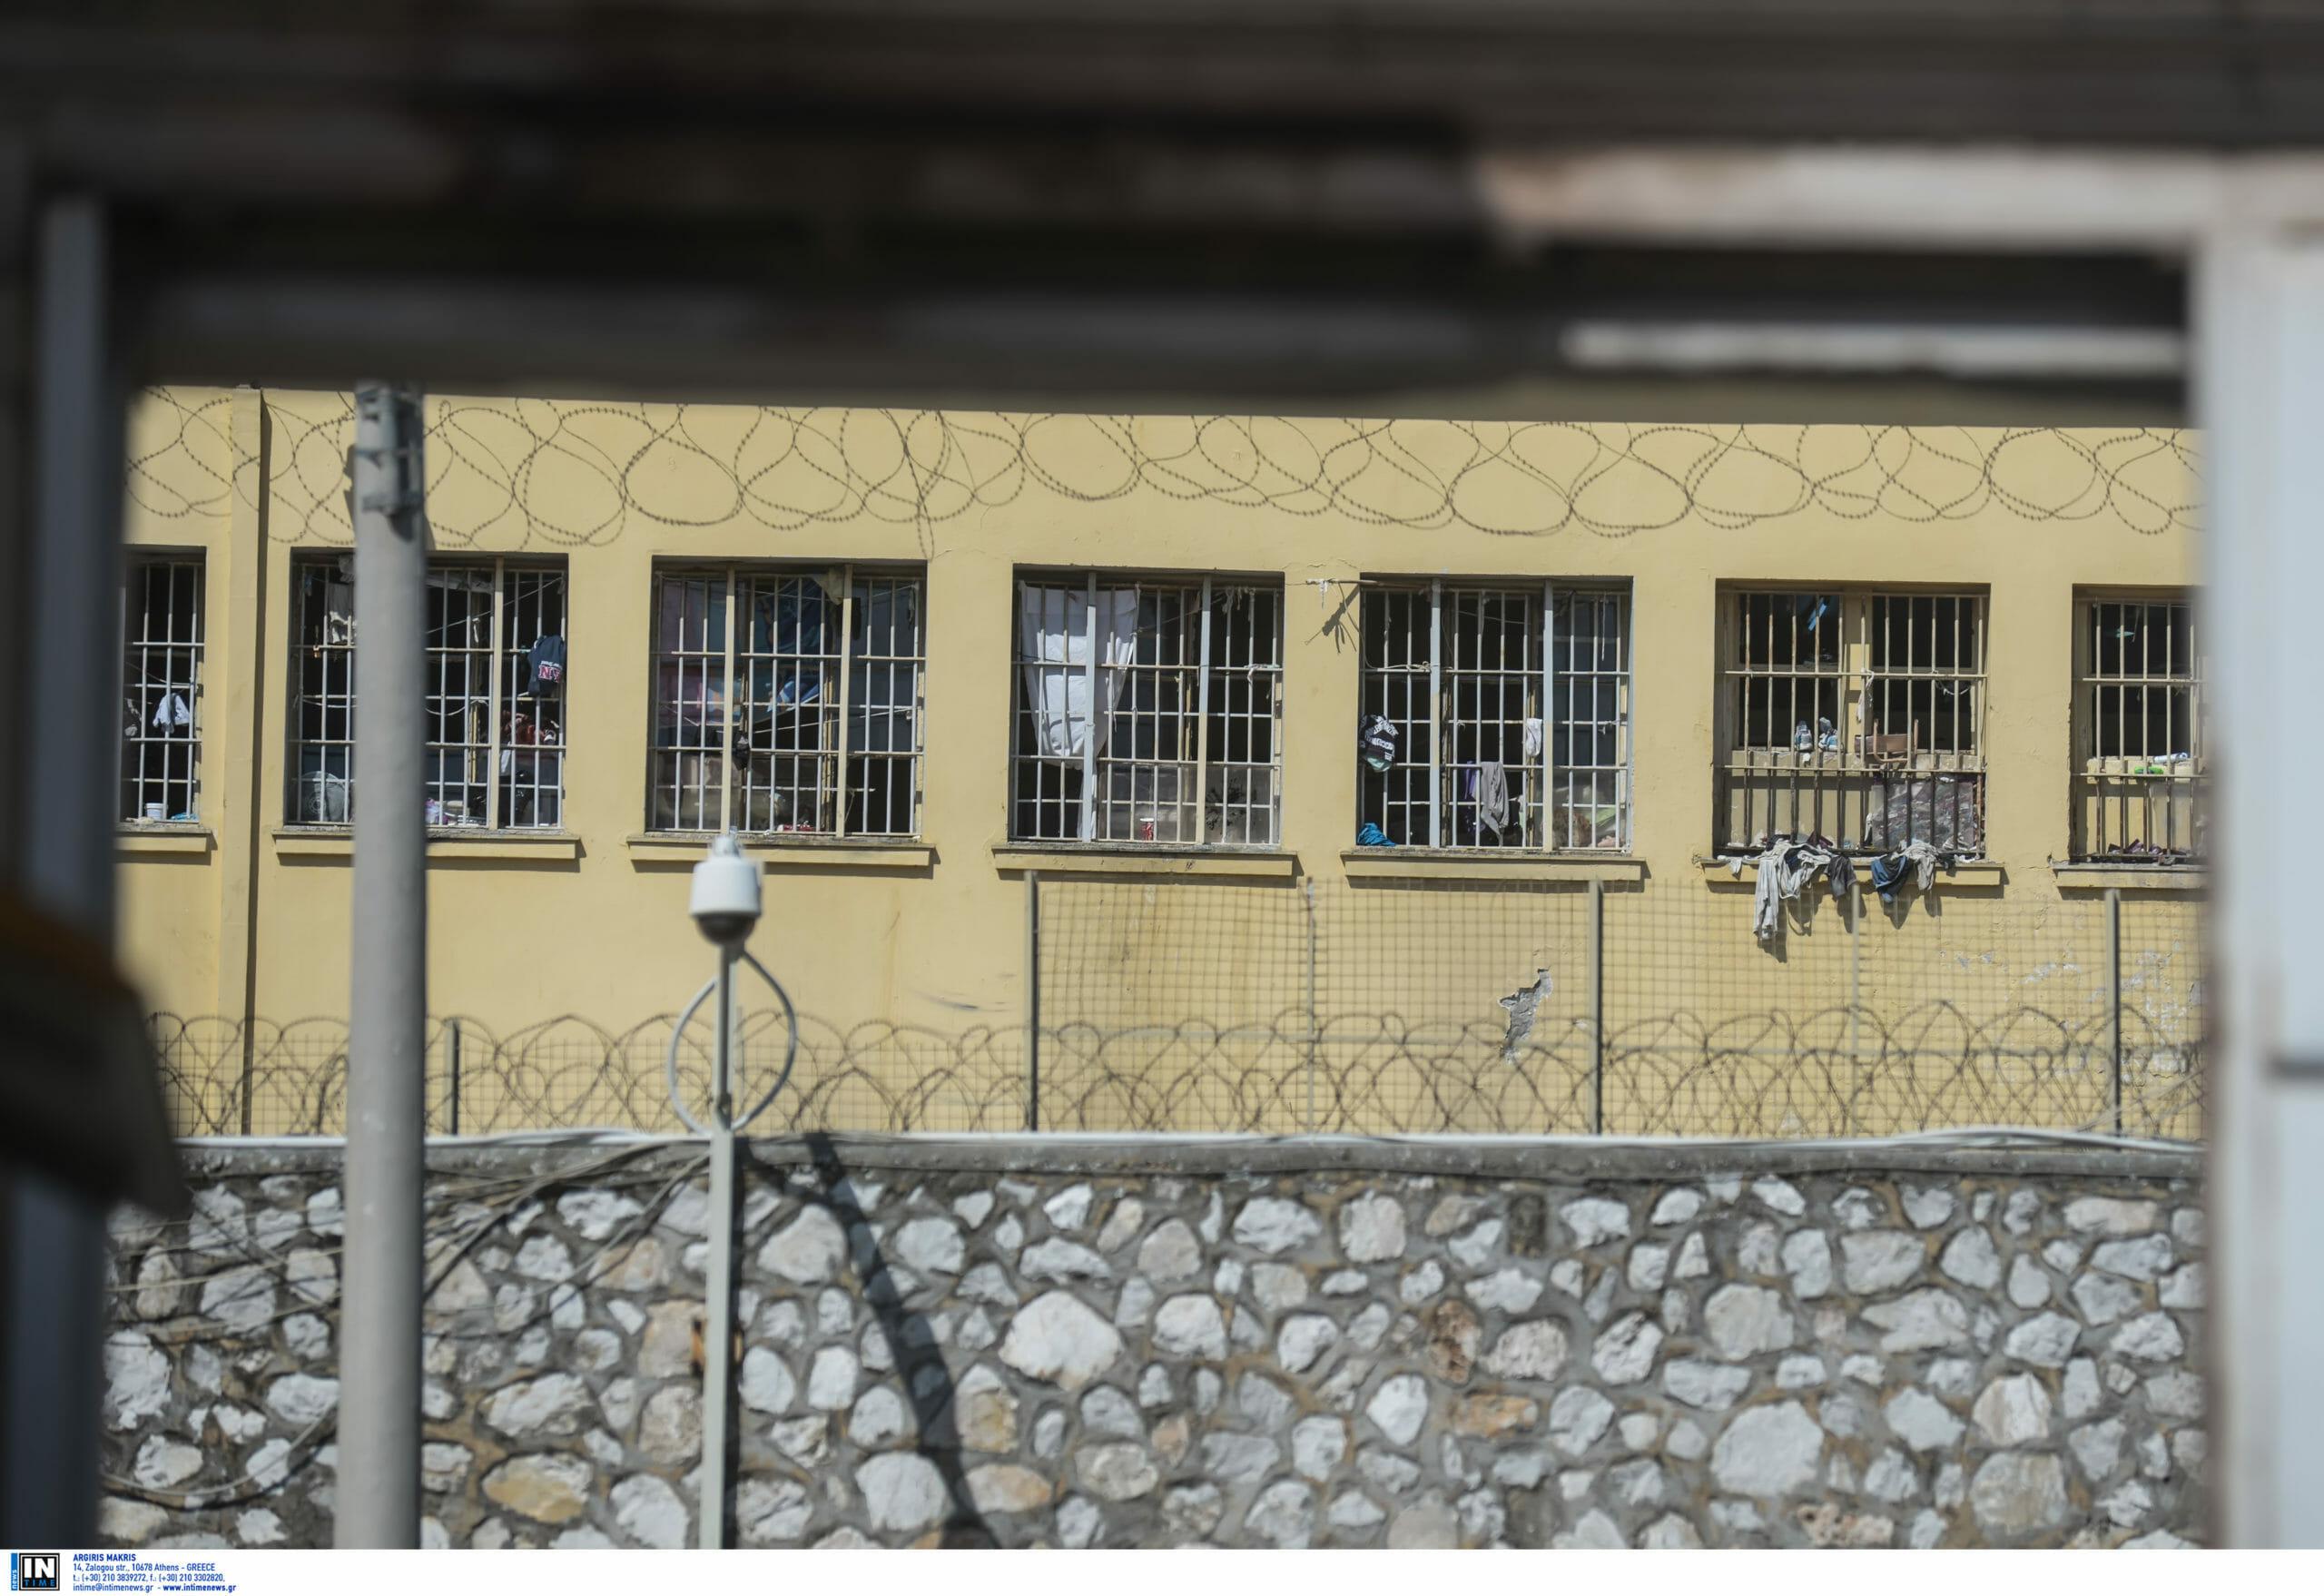 """Λαμία: Παραμένει στη φυλακή ο δικηγόρος για τον βιασμό της 7χρονης εγγονής του! """"Καταρρέω εκεί μέσα"""""""